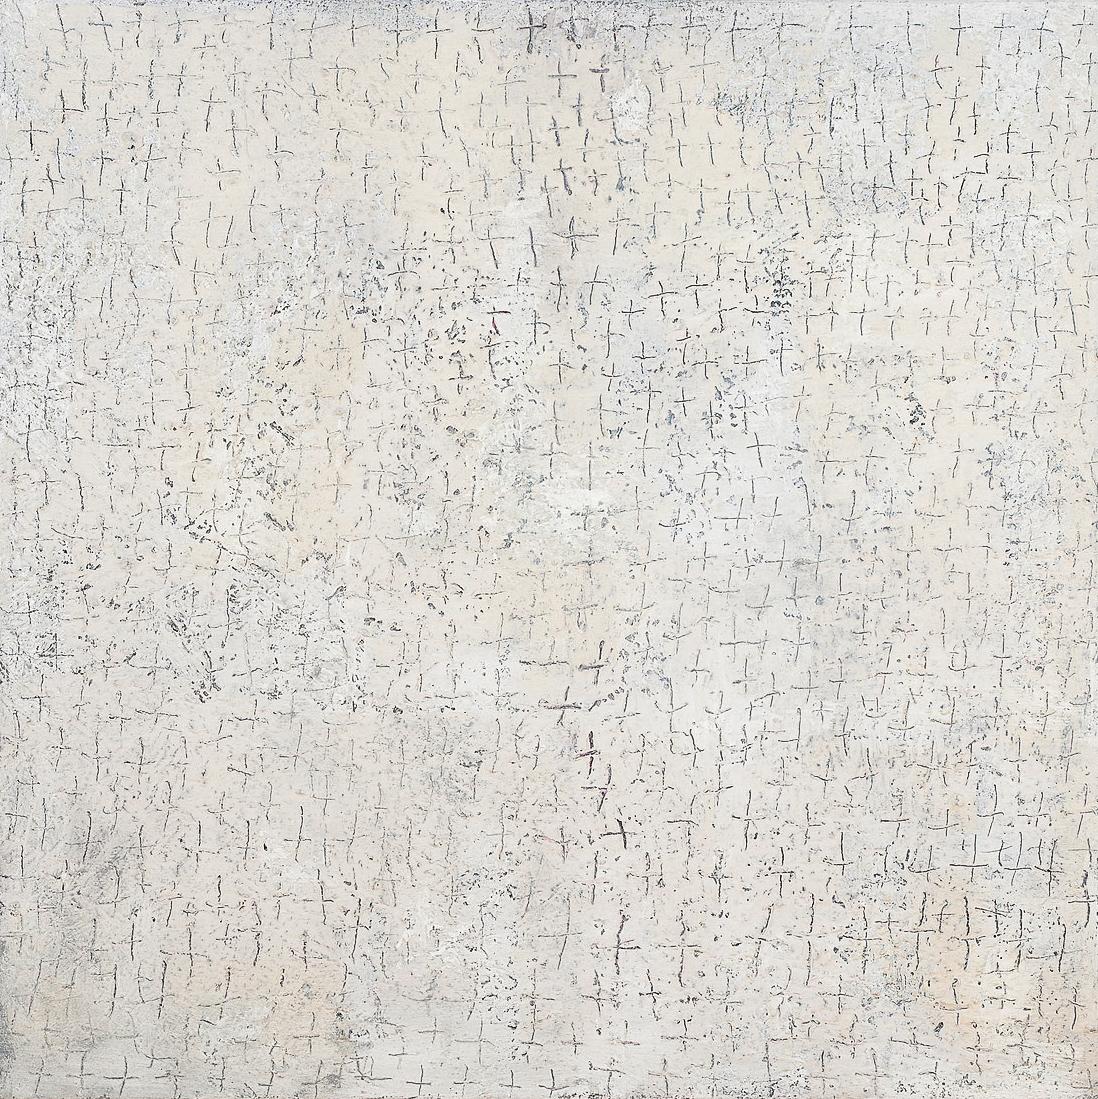 O. T., 2004, Mischtechnik auf Leinwand, 140 x 140 cm